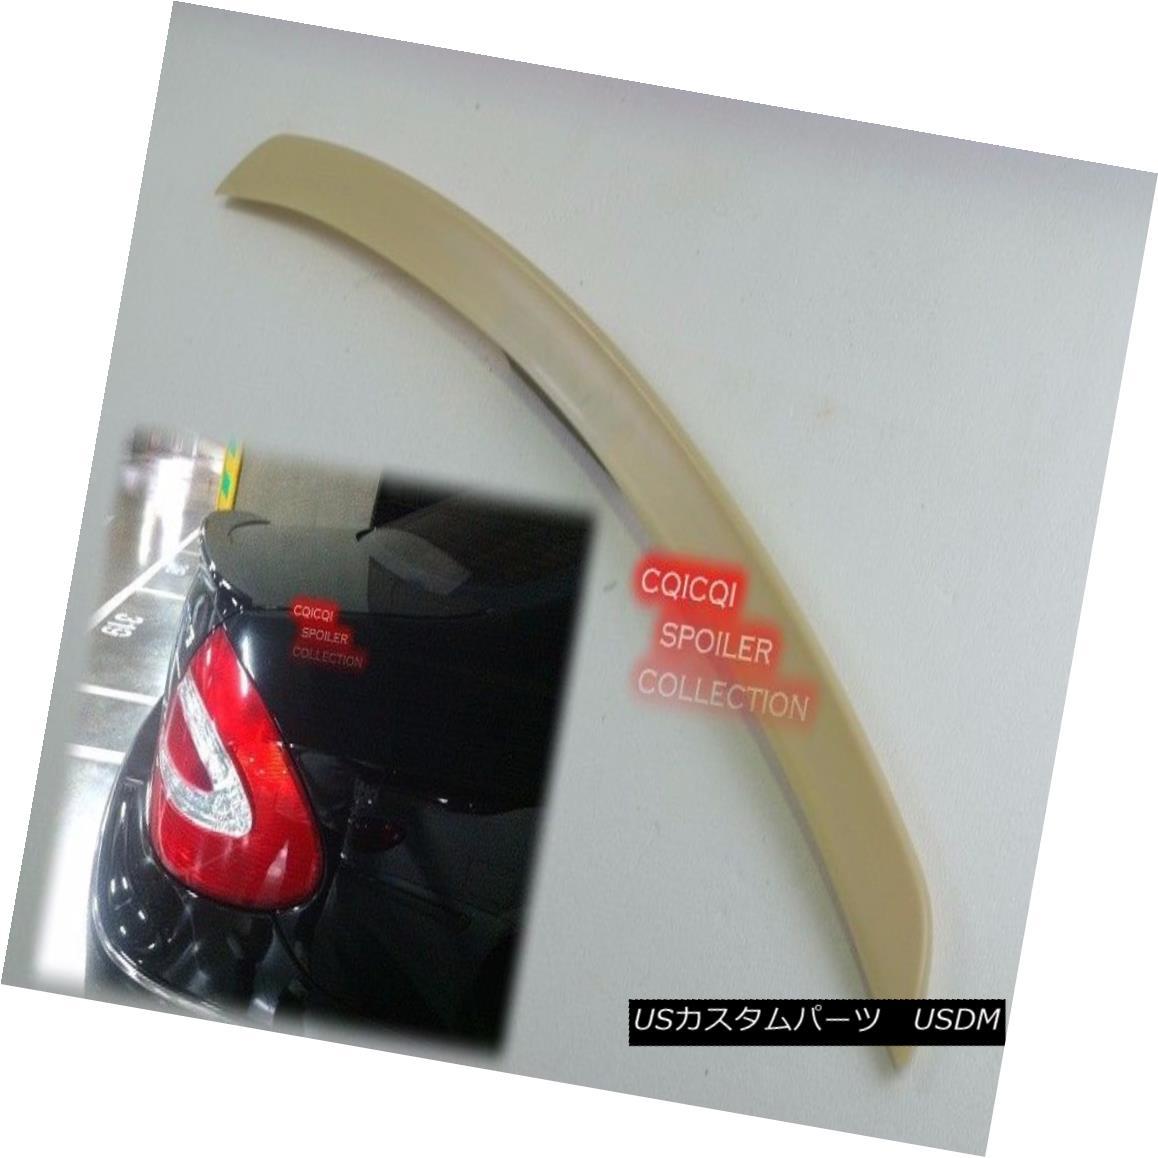 エアロパーツ Painted M-BENZ 03-09 W209 CLK Coupe AMG type trunk spoiler color:040 black ◎ ペイントされたM-BENZ 03-09 W209 CLKクーペAMGタイプのトランク・スポイラーの色:040黒?